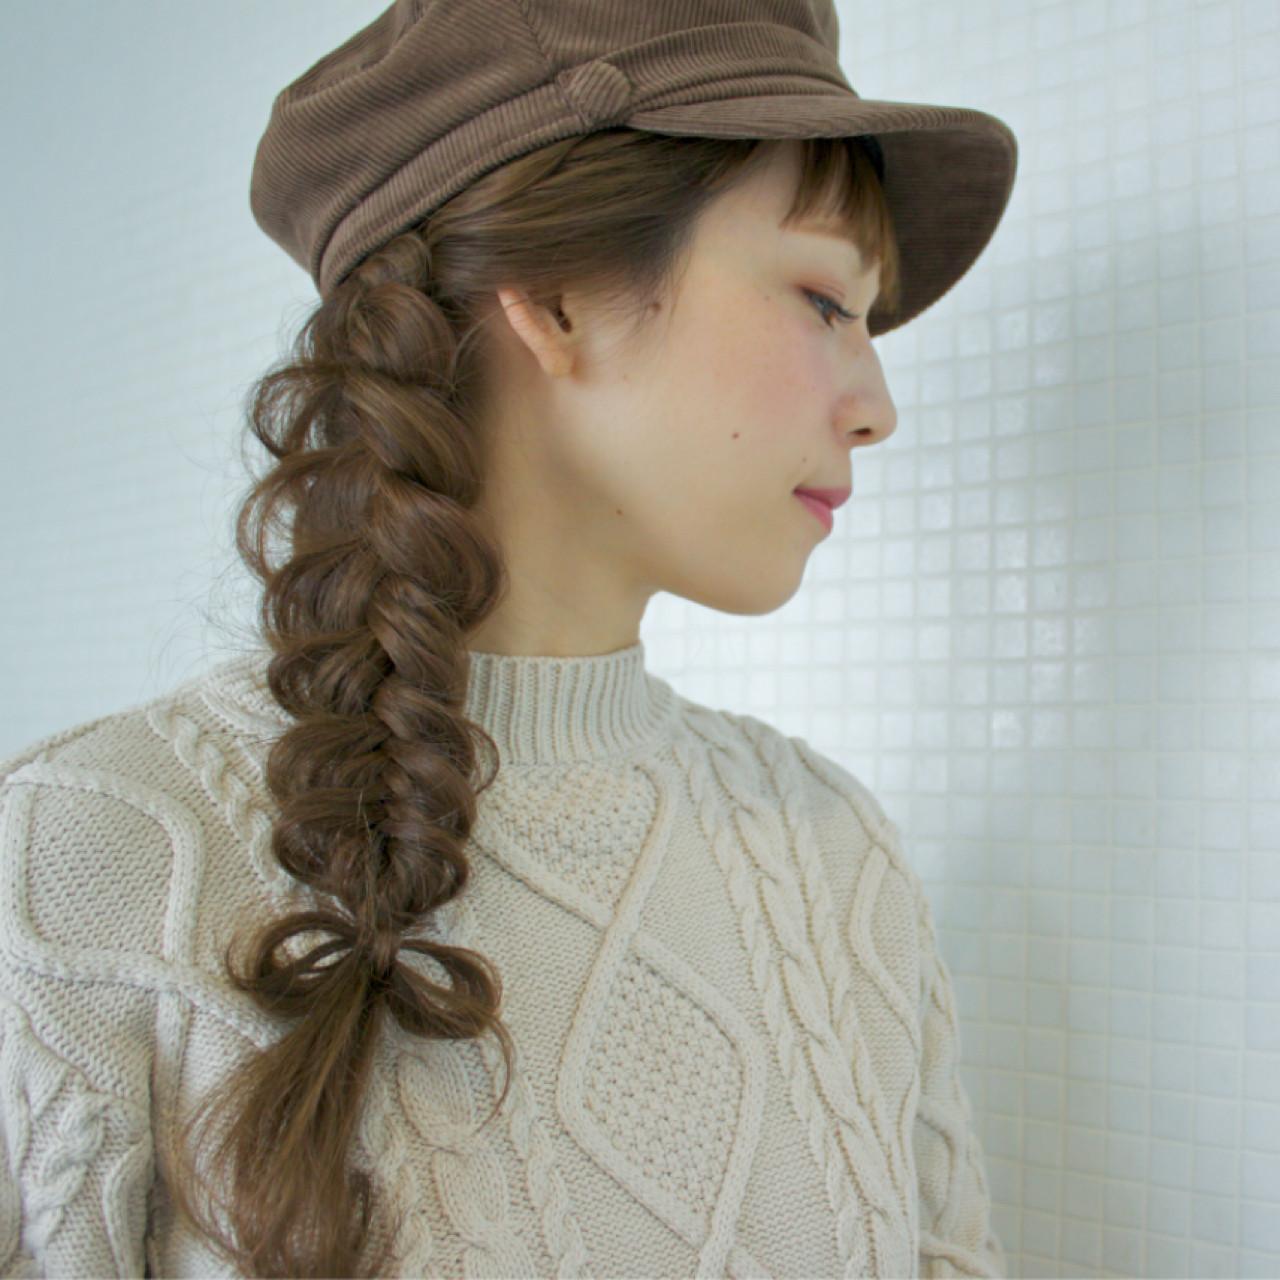 ヘアアレンジ ロング ガーリー 簡単ヘアアレンジ ヘアスタイルや髪型の写真・画像